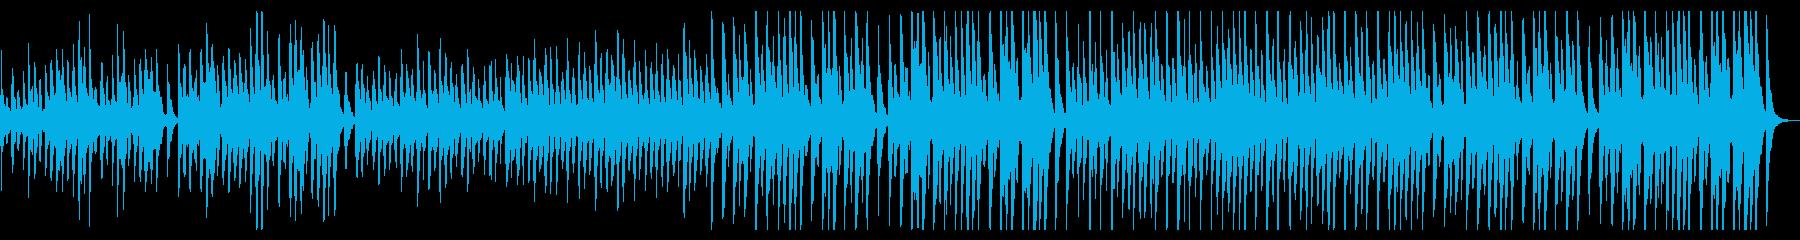 ピチカート、可愛くほのぼの、コミカルの再生済みの波形